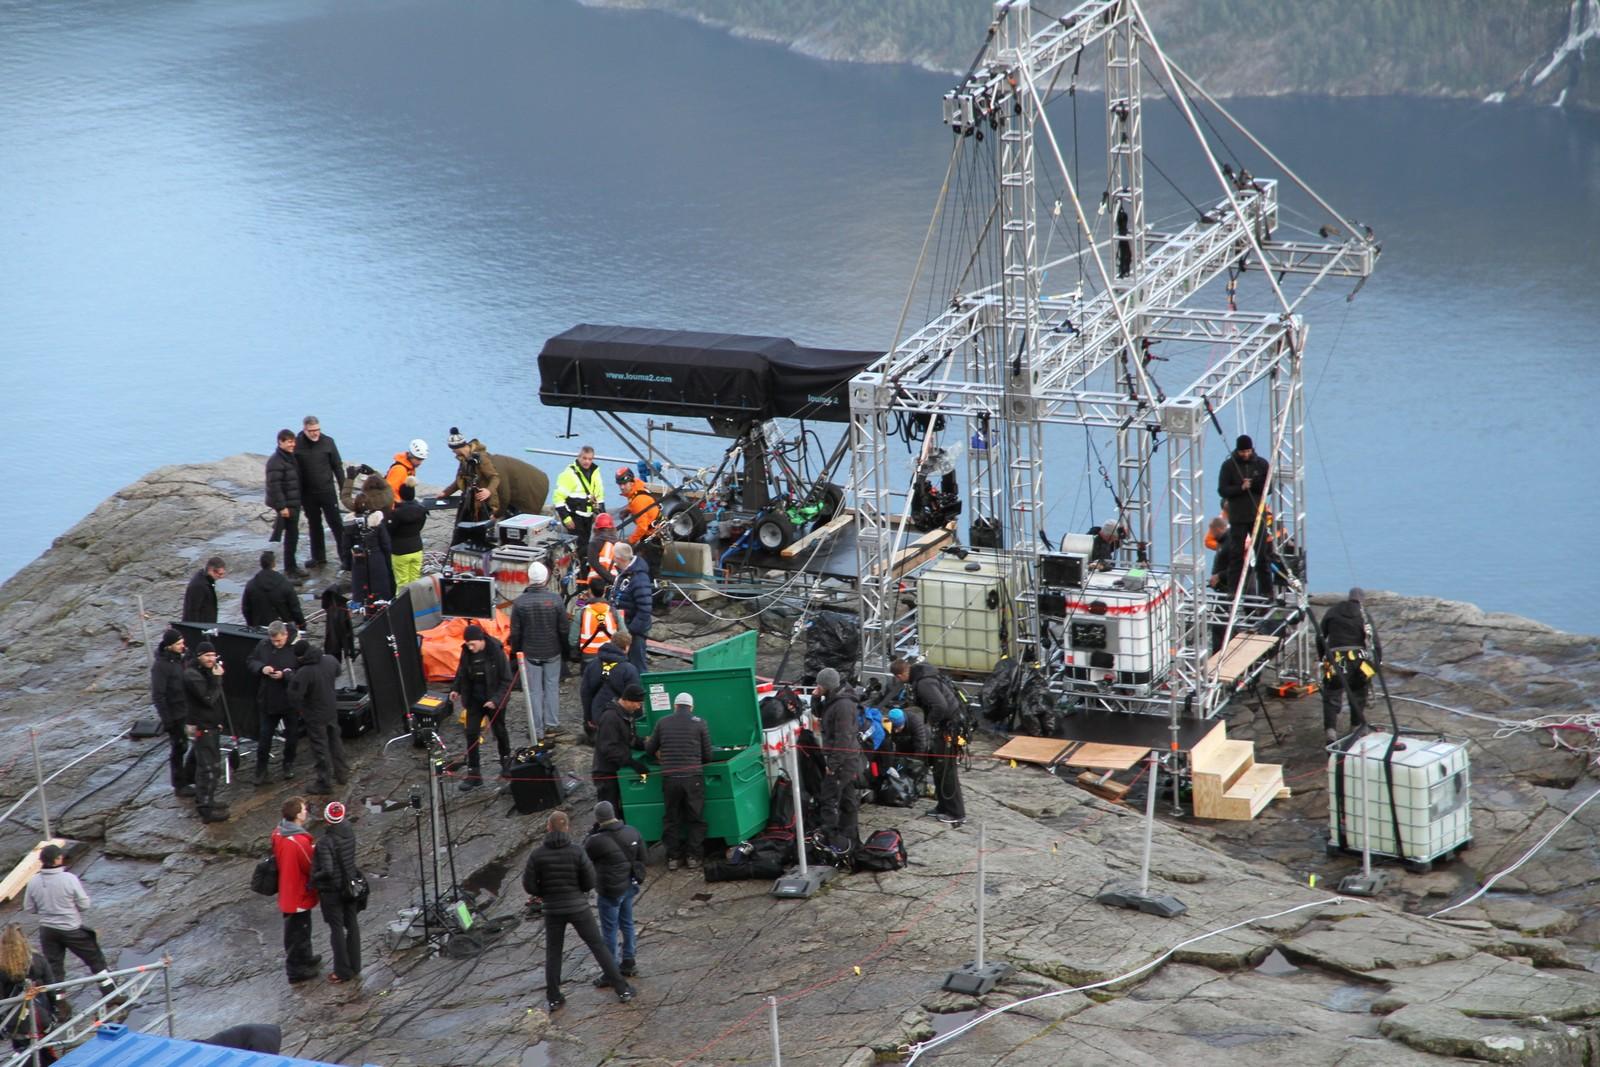 Klarer du å få øye på filmstjernen Tom Cruise på toppen av Preikestolen? Mandag besøkte han det berømte fjellplatået i forbindelse med innspillingen av Mission Impossible 6.